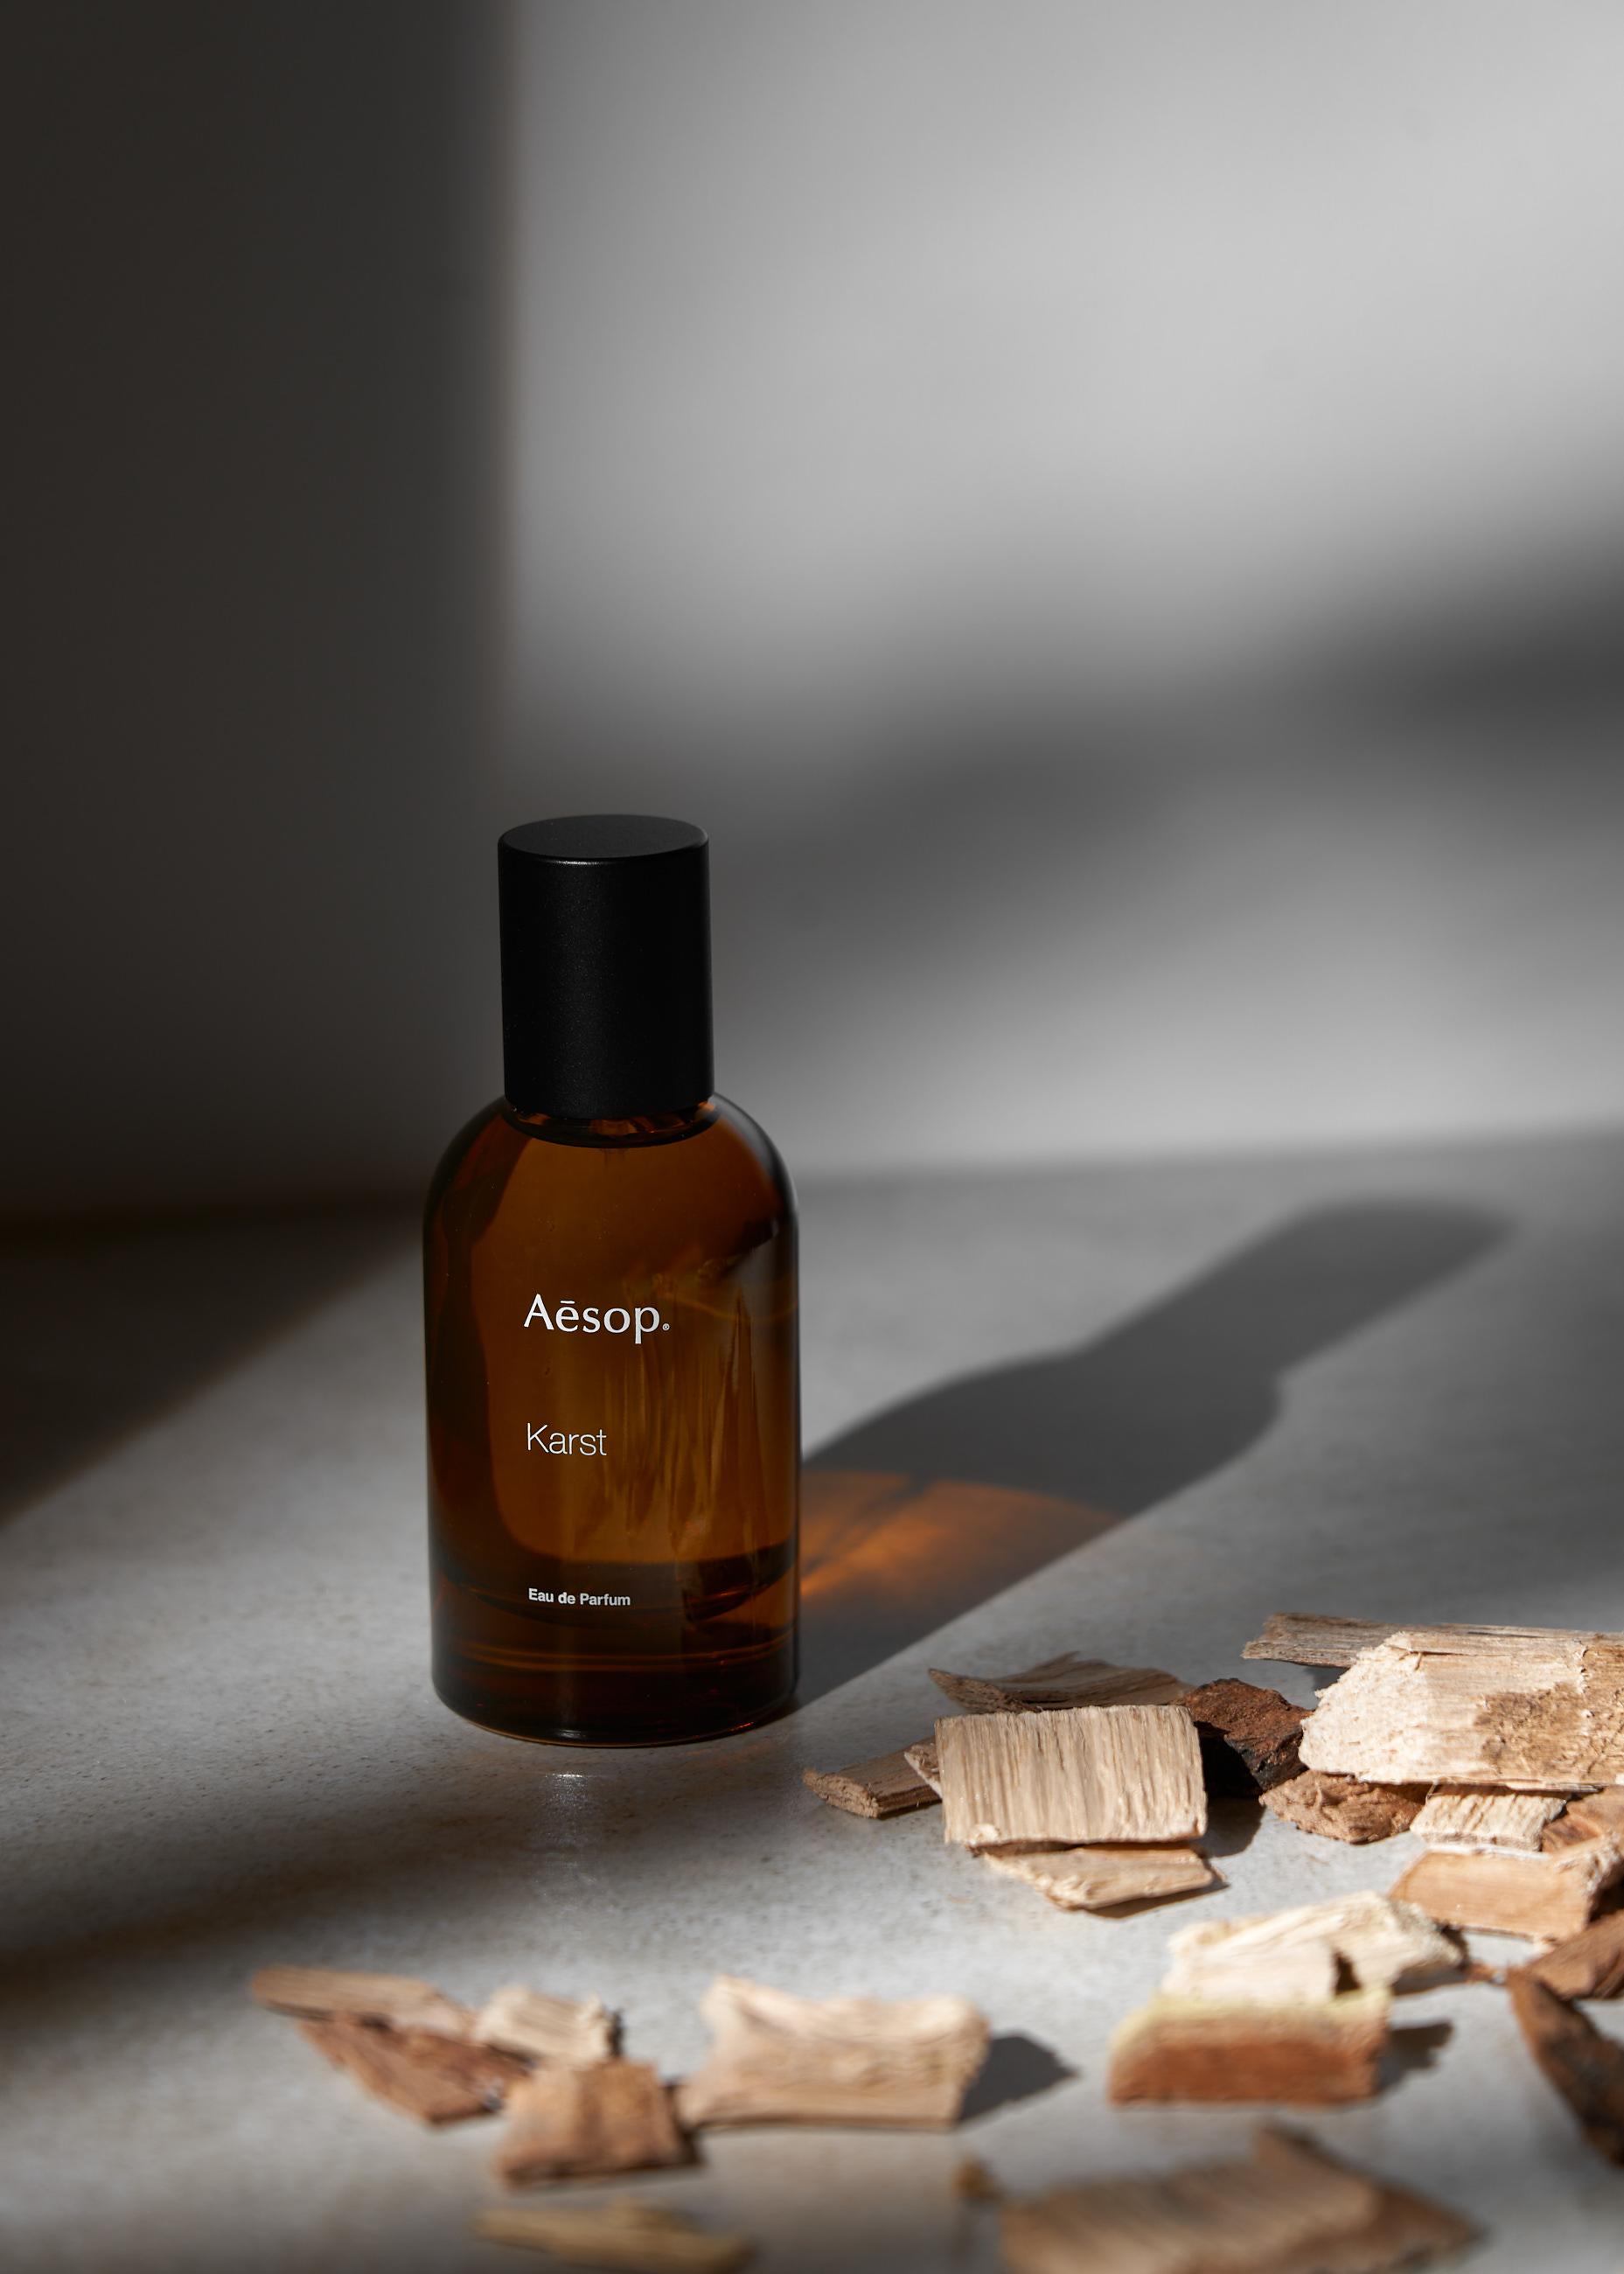 New Aesop Fragrances - Othertopias - Karst